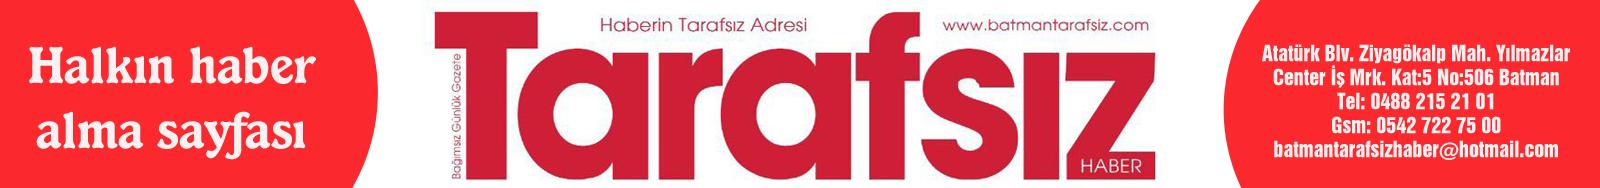 Batman Tarafsız Gazetesi